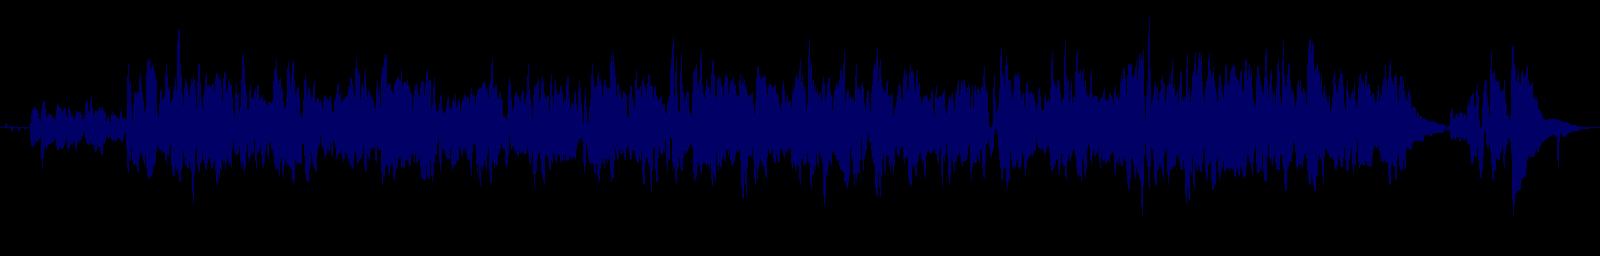 waveform of track #98114